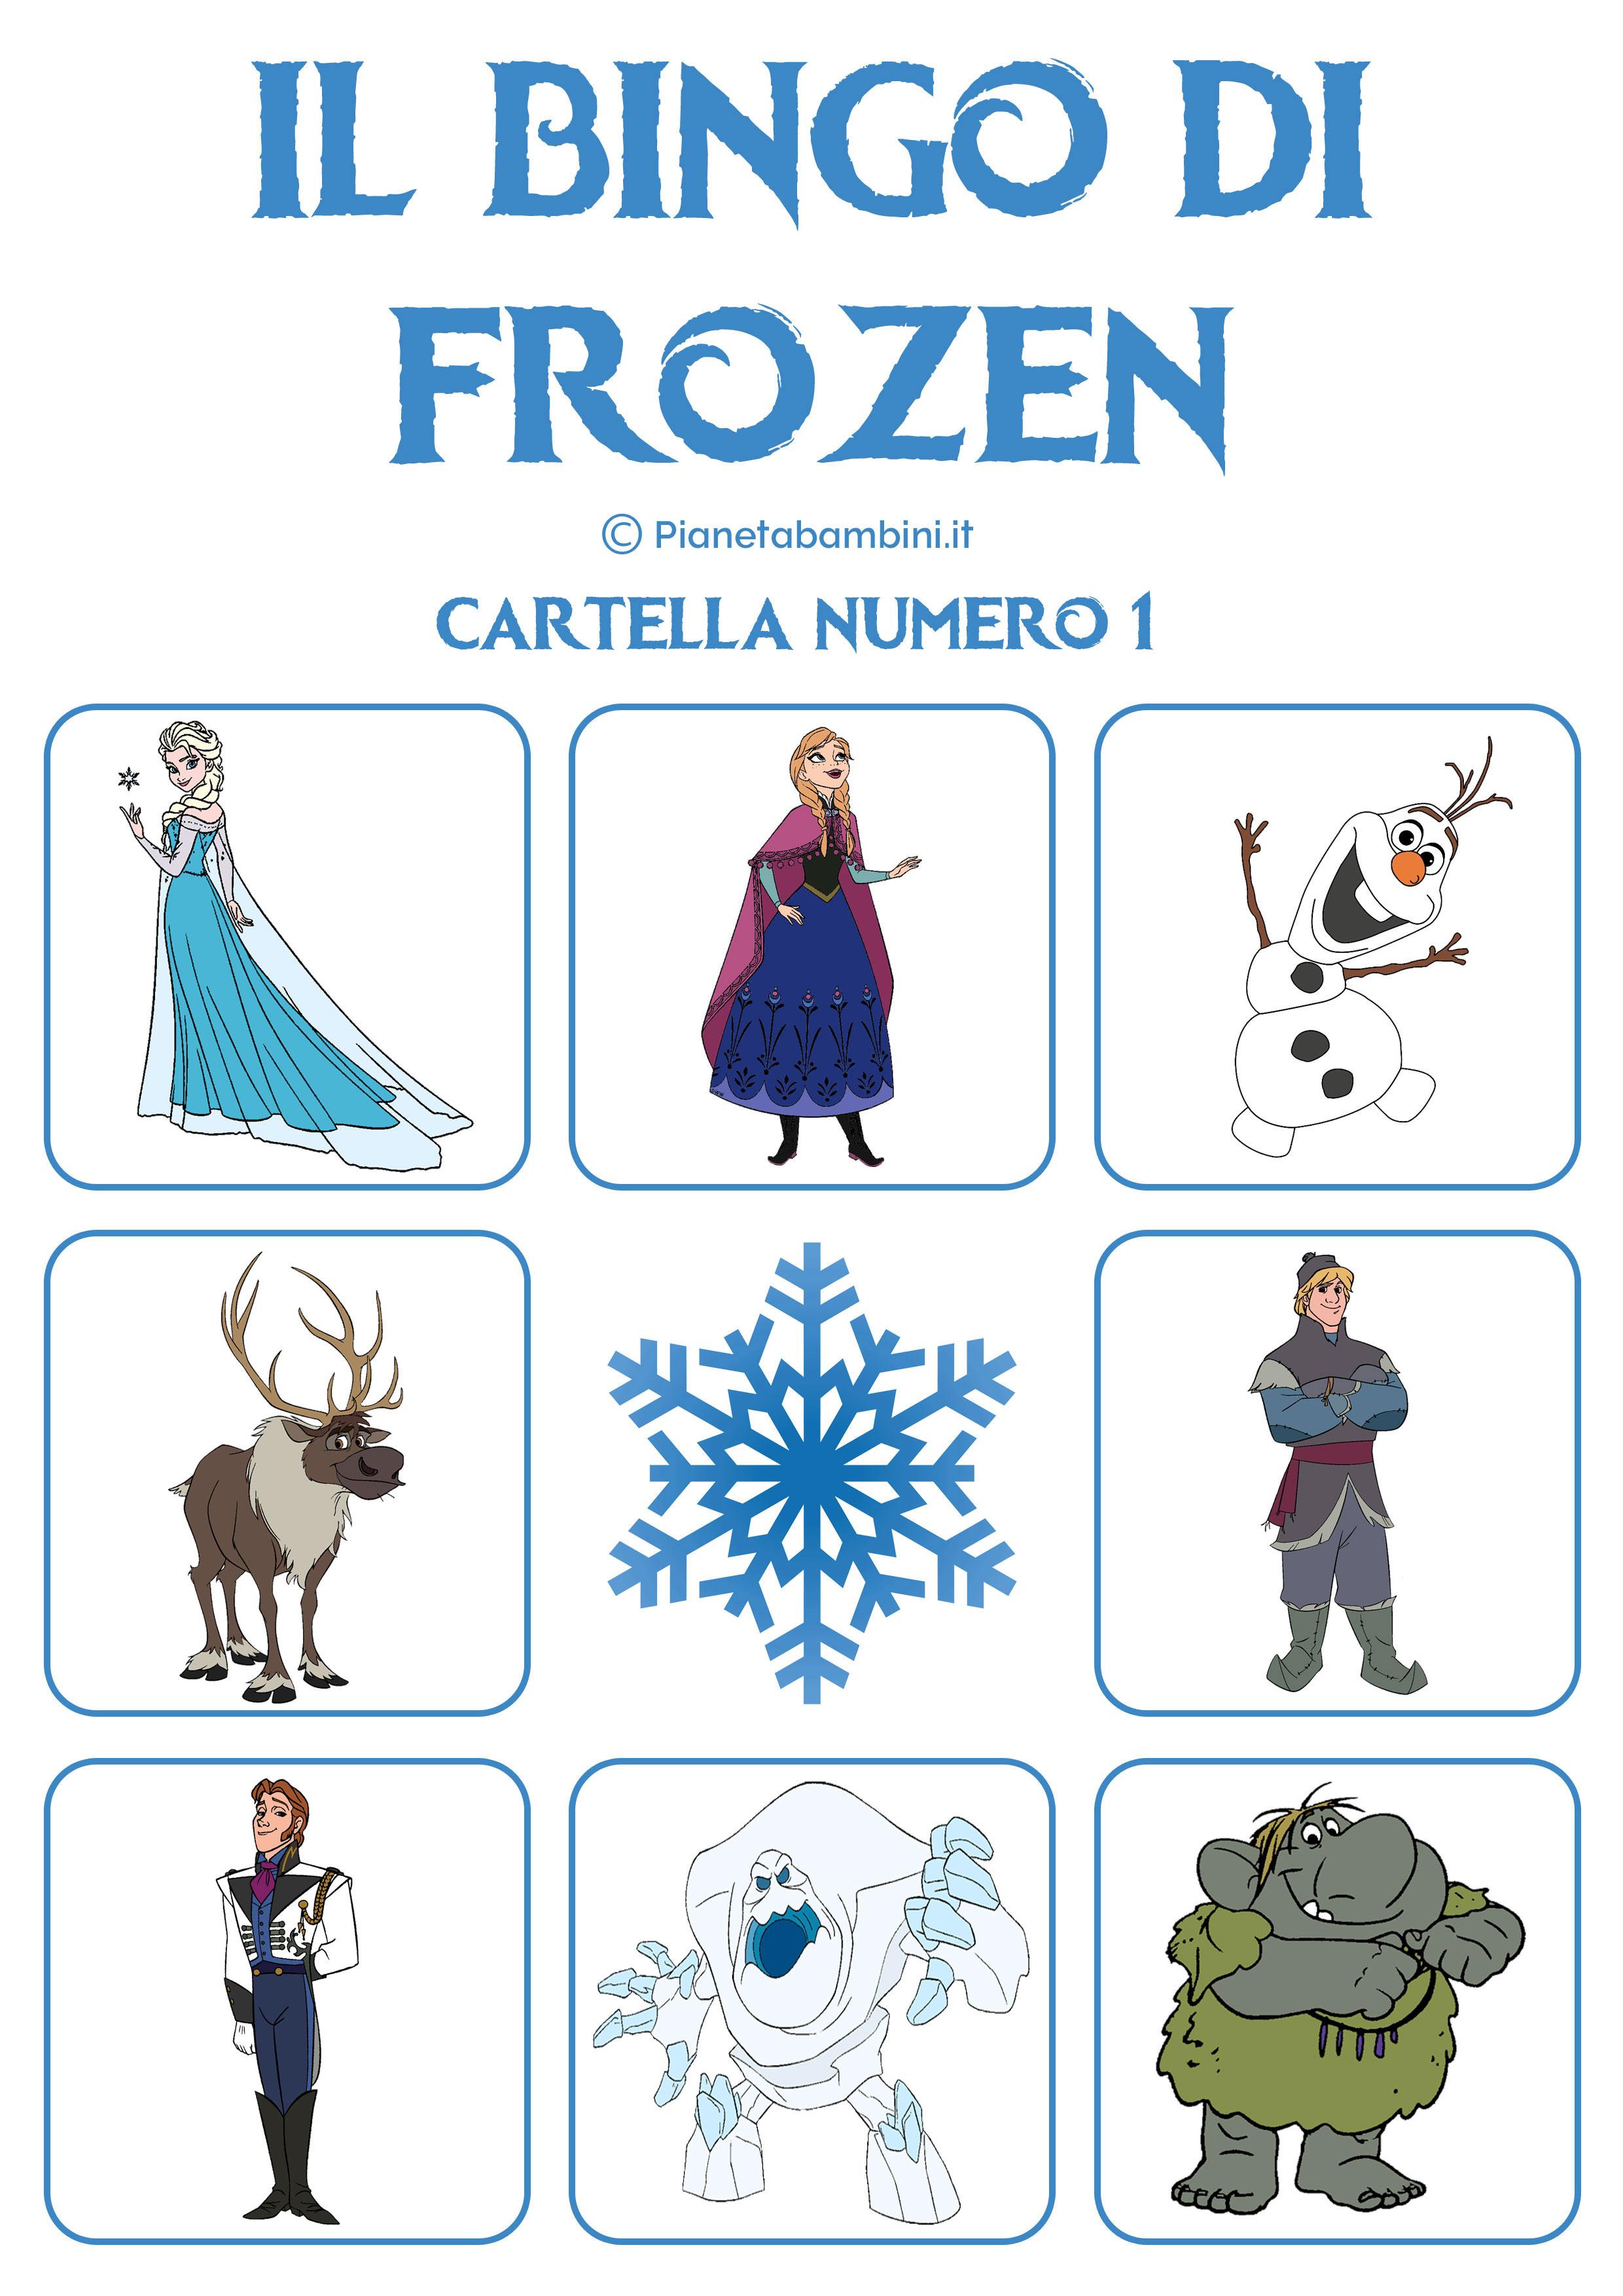 Bingo-Frozen-Cartella-1